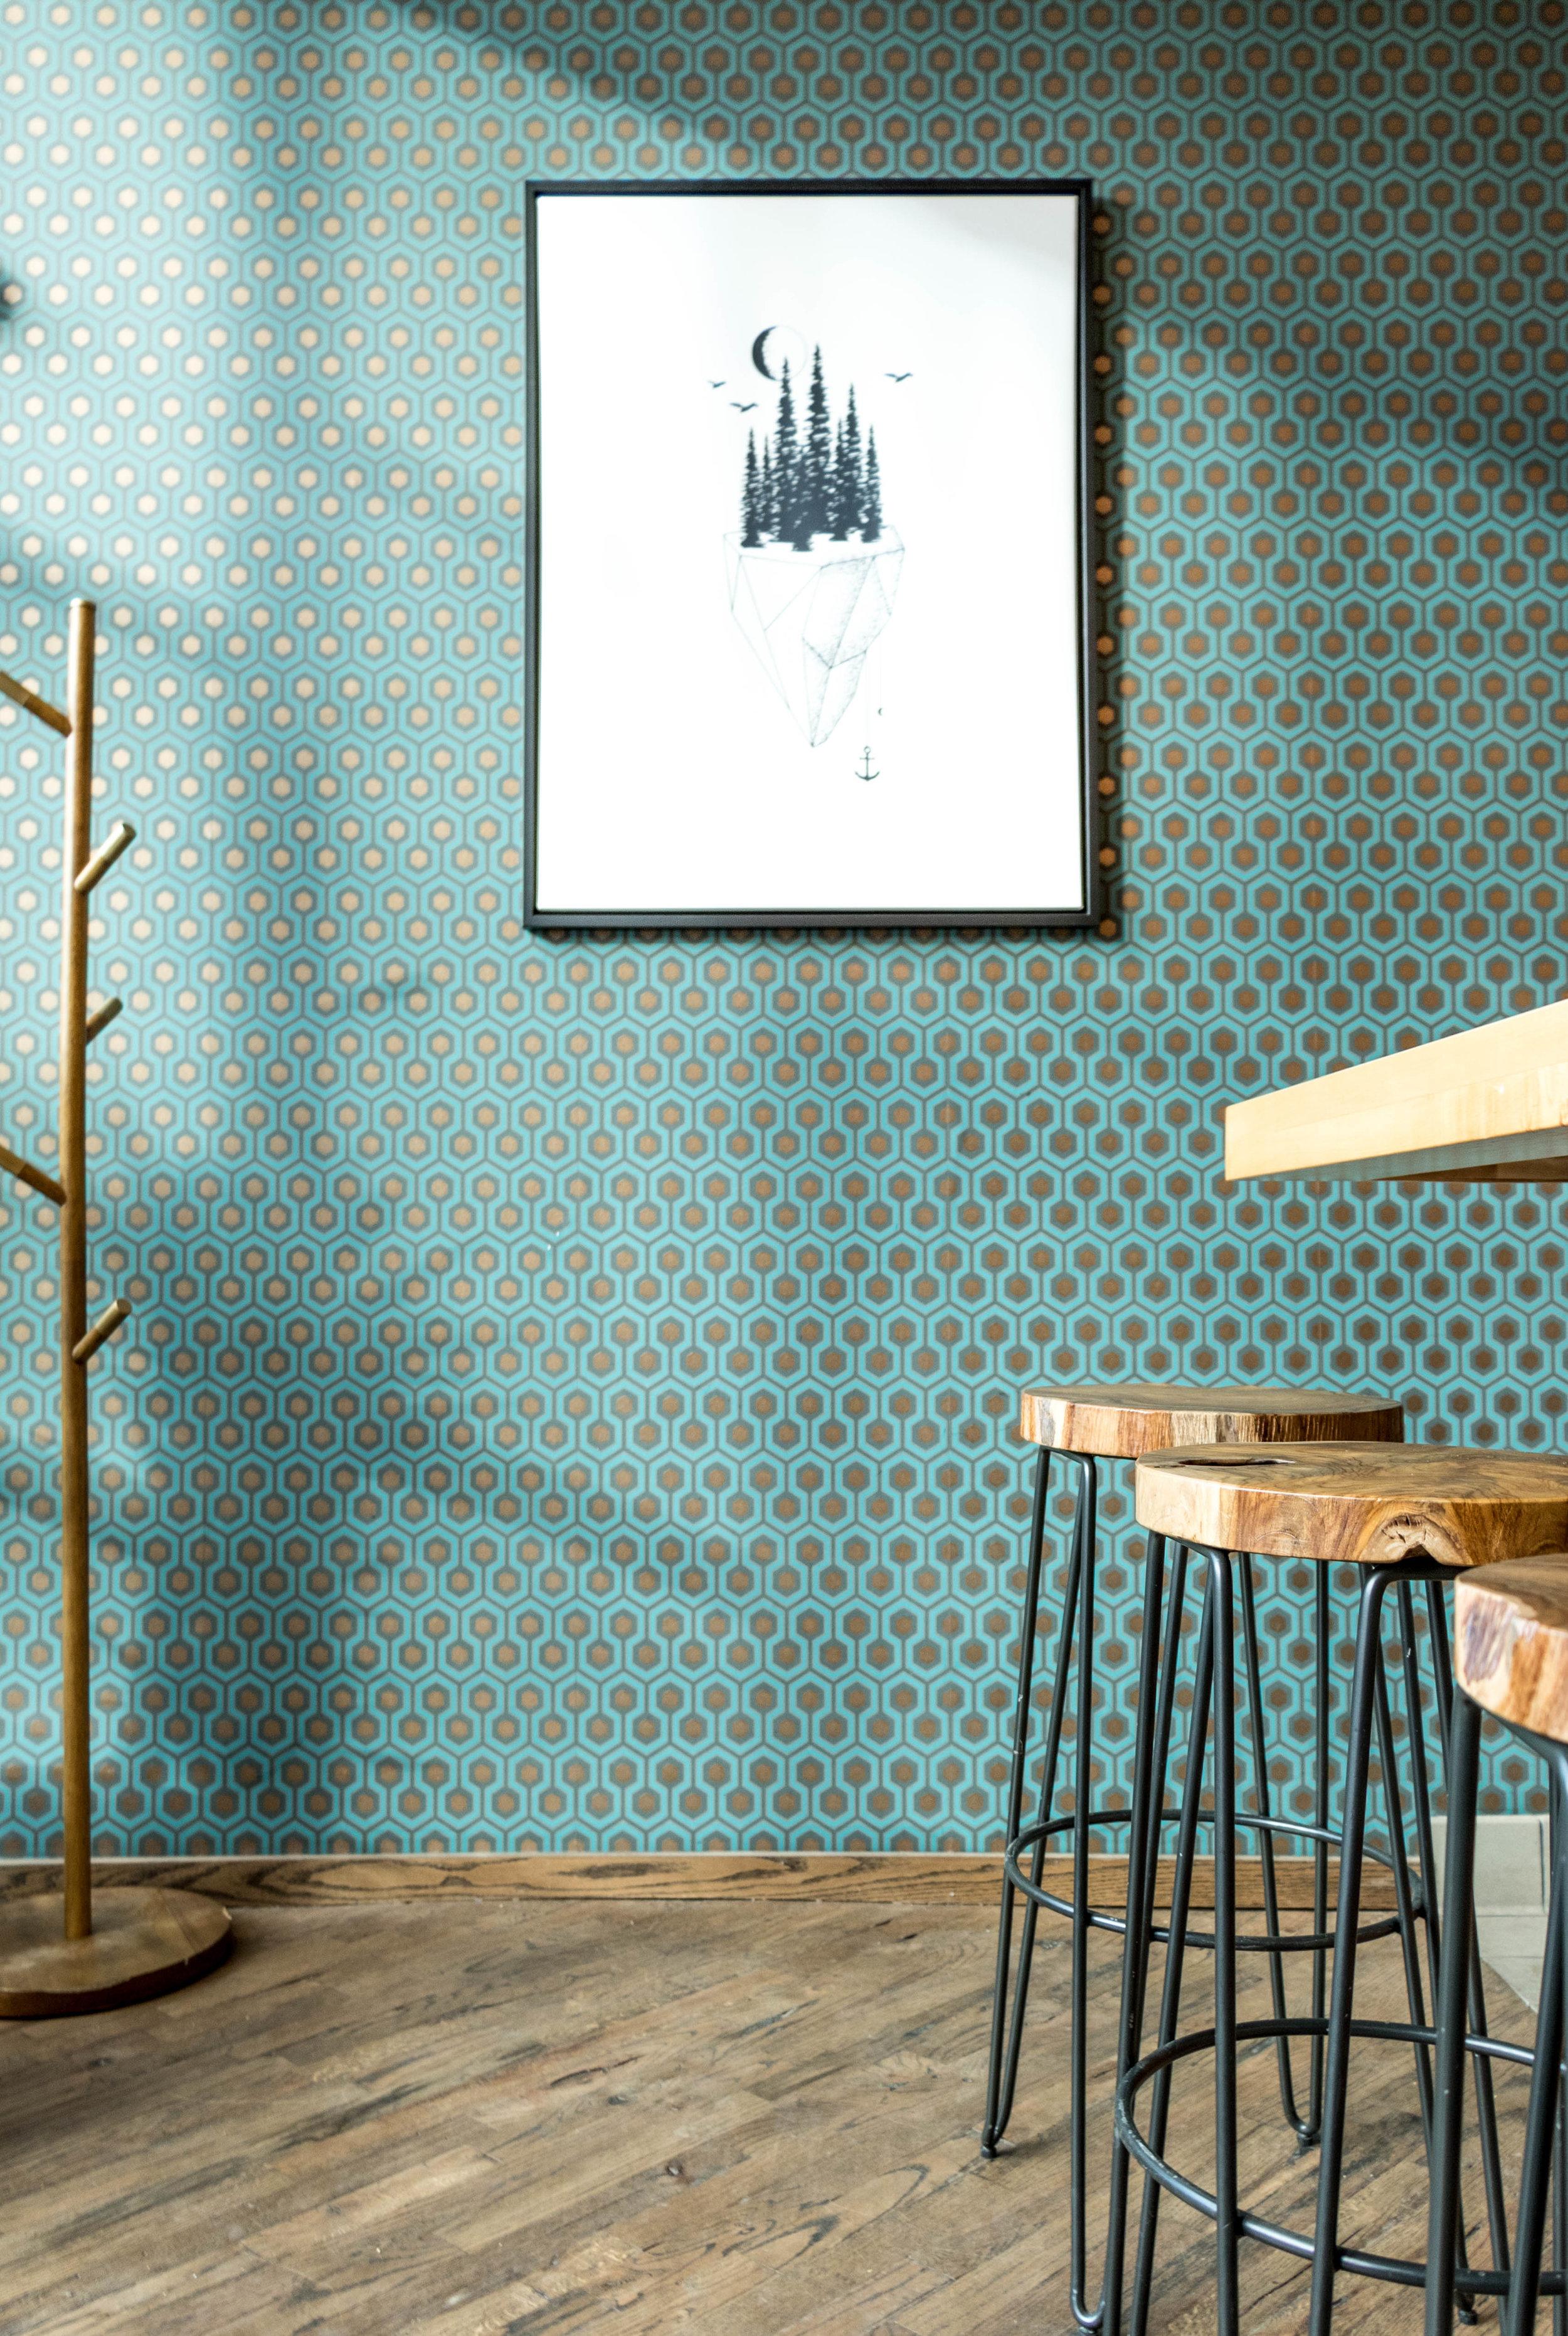 Tatarian.Wall Decor.Samantha Bliss.303 Magazine.jpg